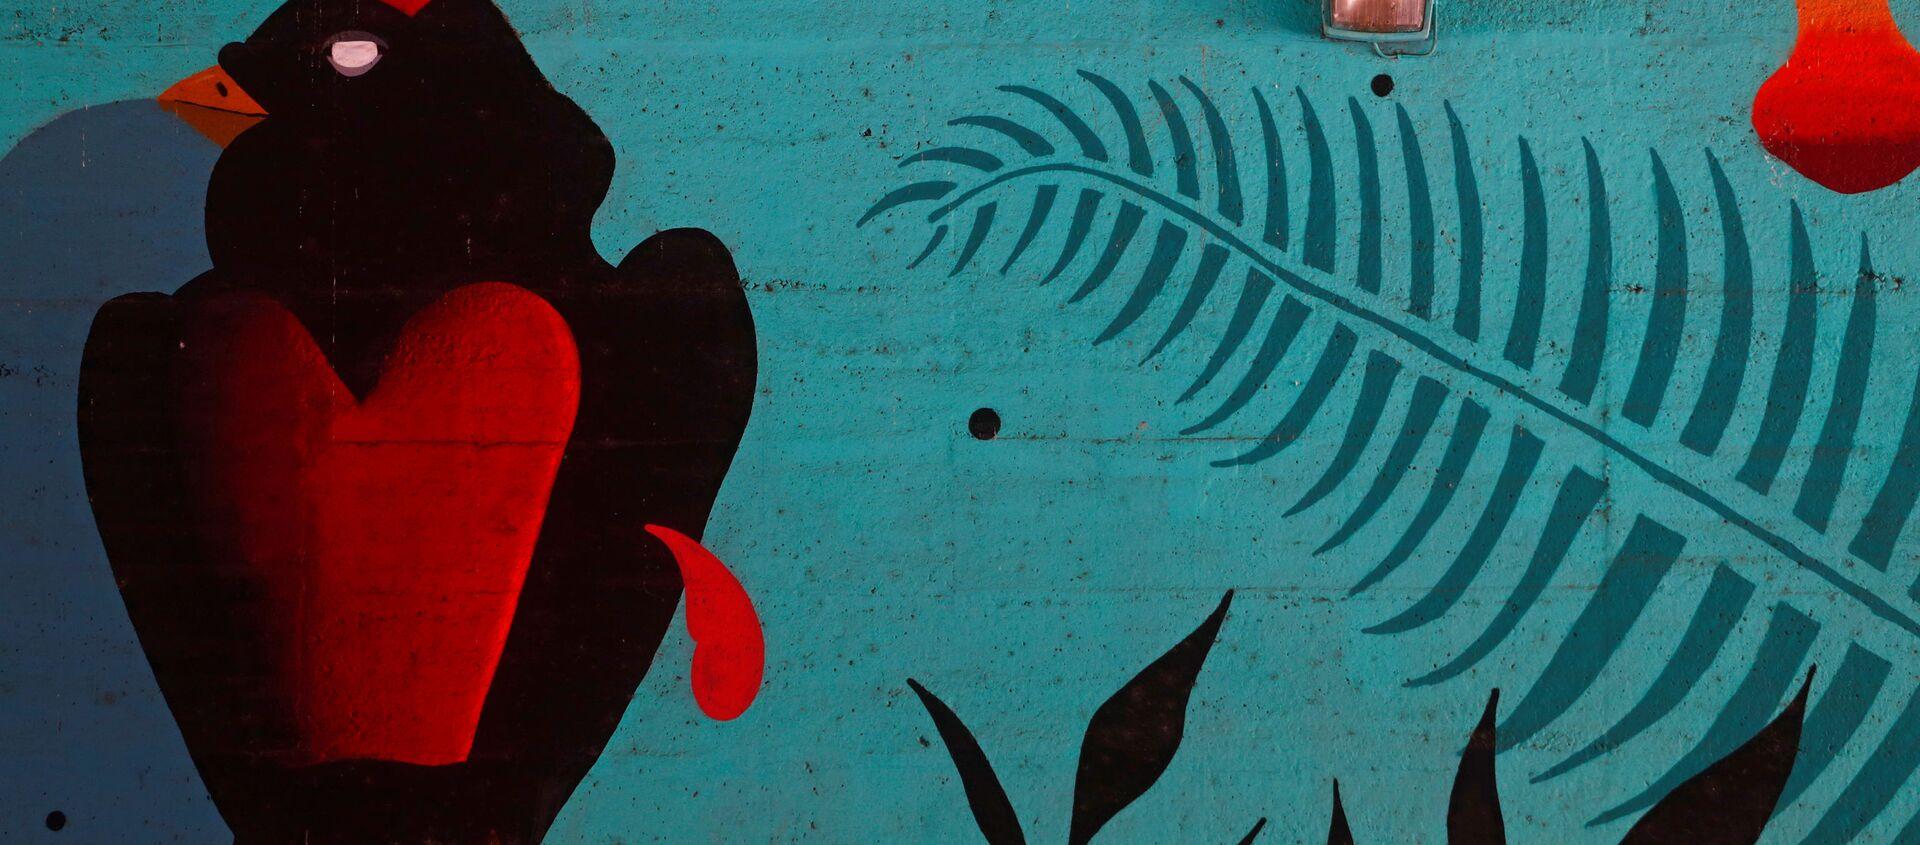 Un hombre en mascarilla pasa al lado de un muro con graffiti en Madrid - Sputnik Mundo, 1920, 28.06.2020